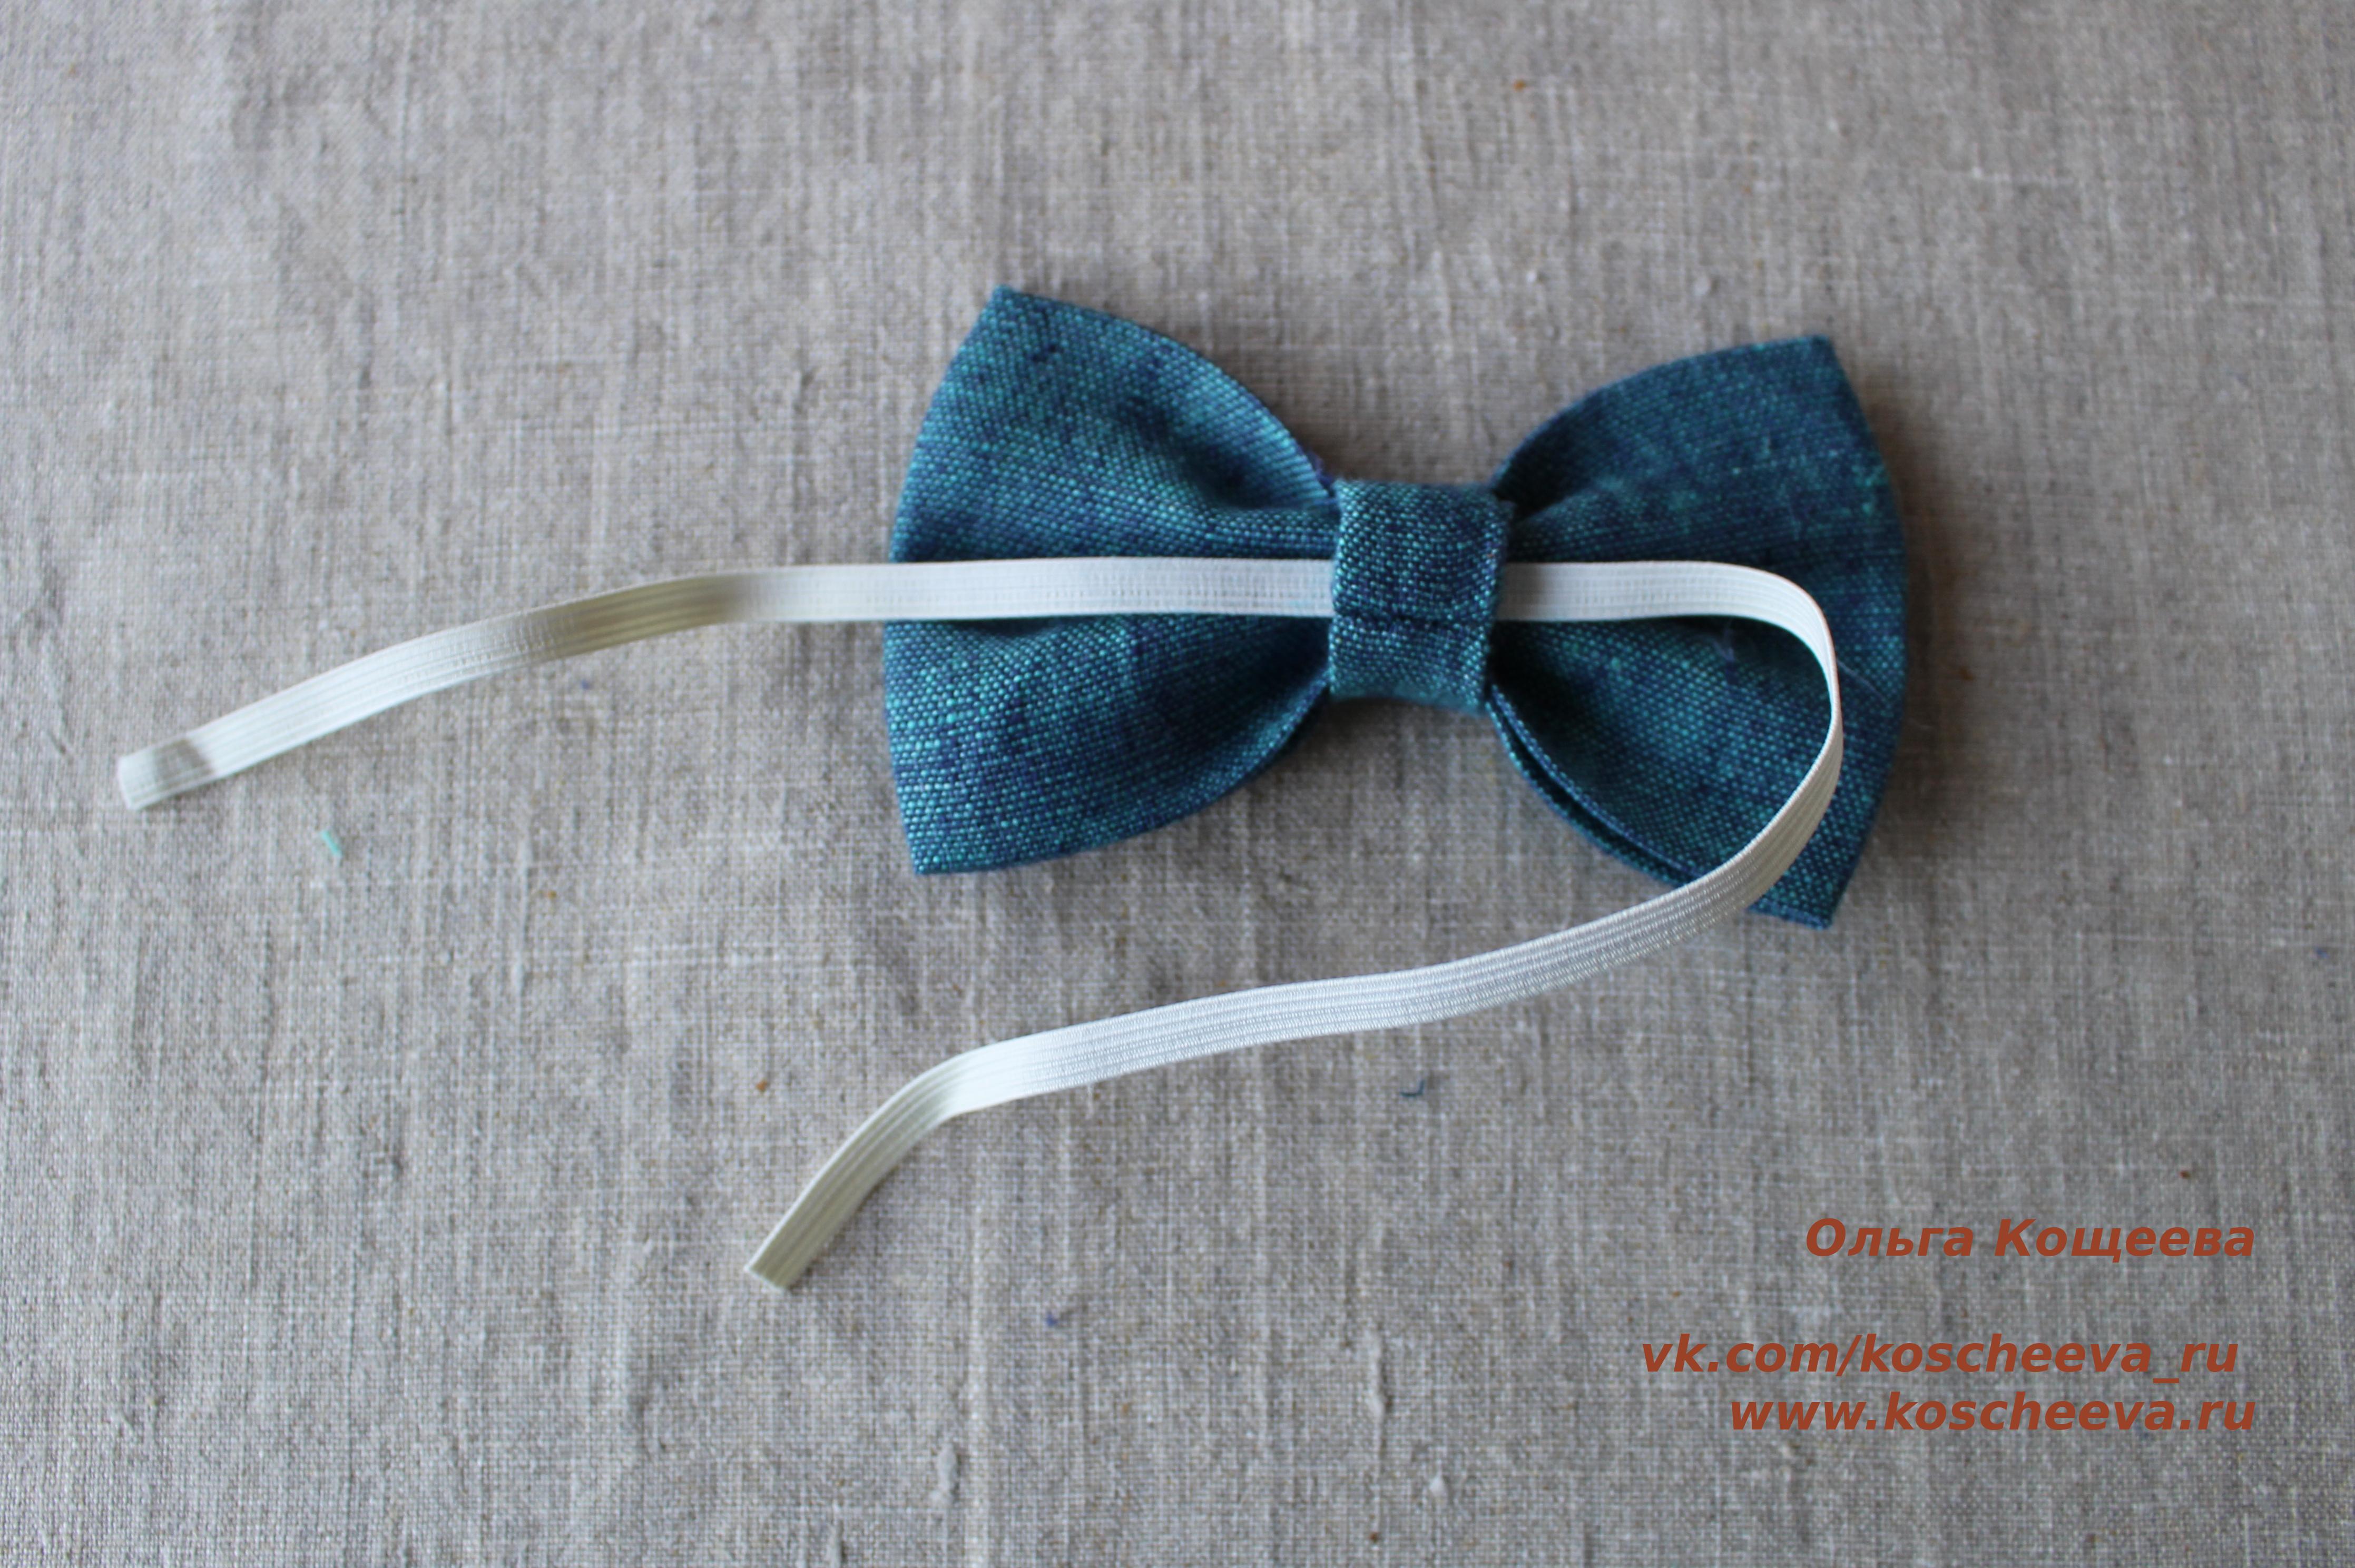 Как сшить галстук на резинке ребенку своими руками